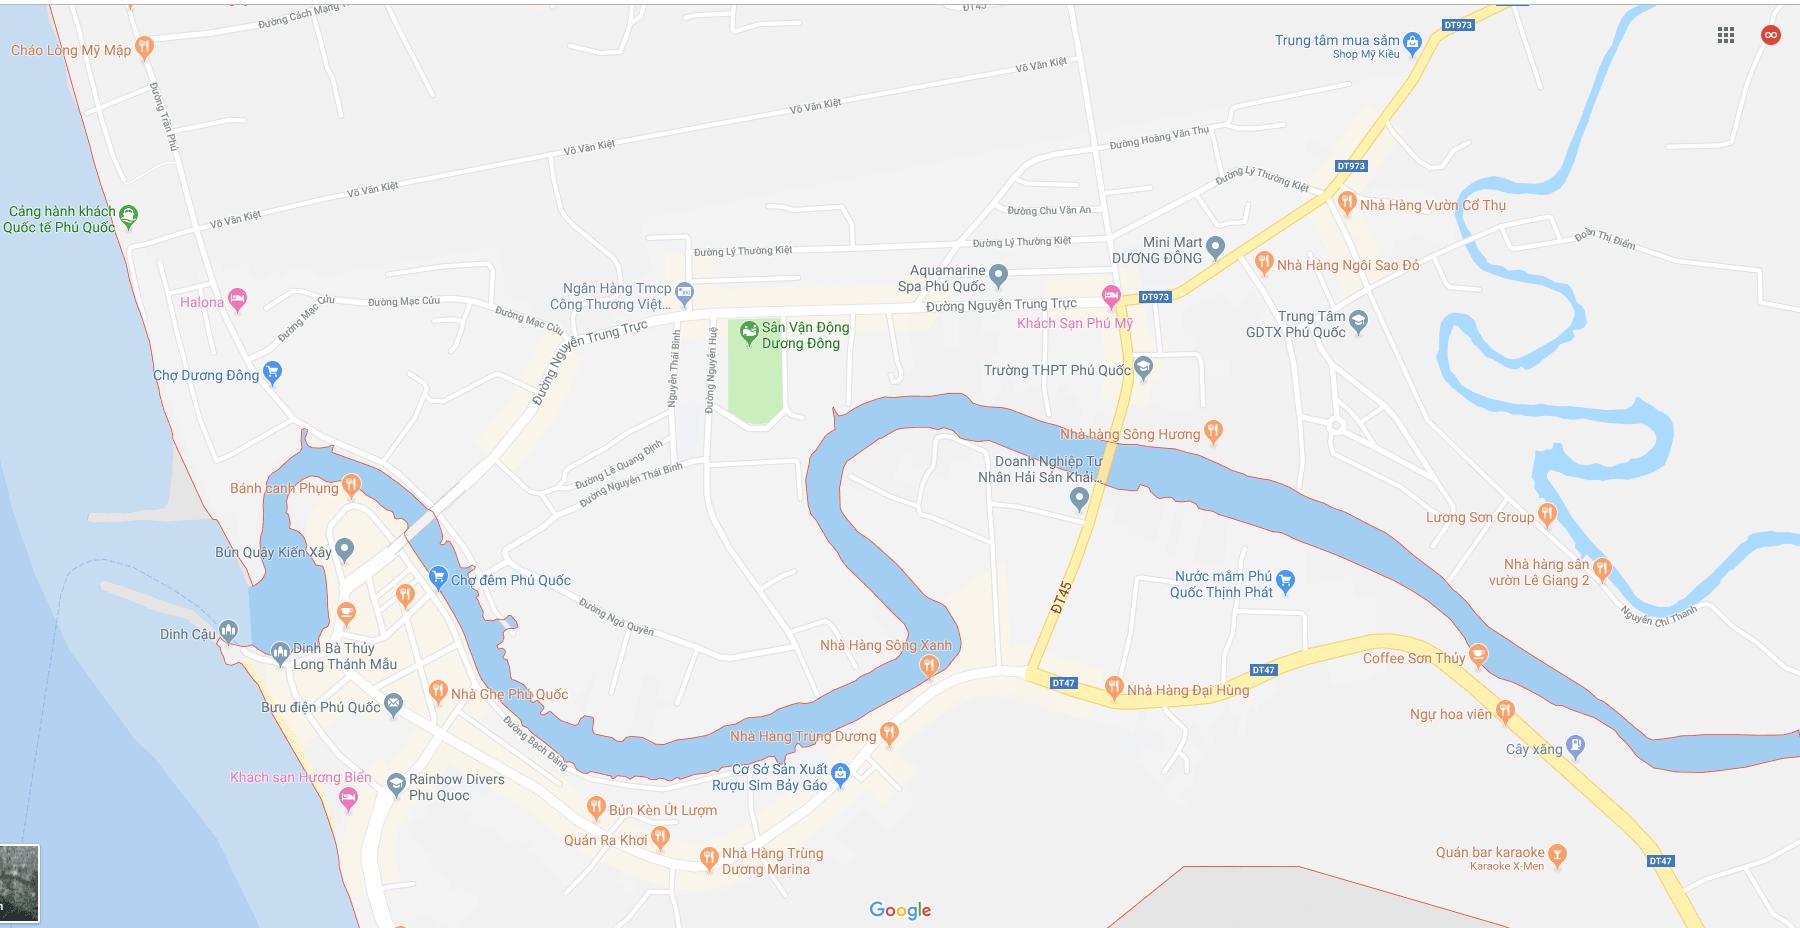 Bản đồ thị trấn dương đông phú quốc